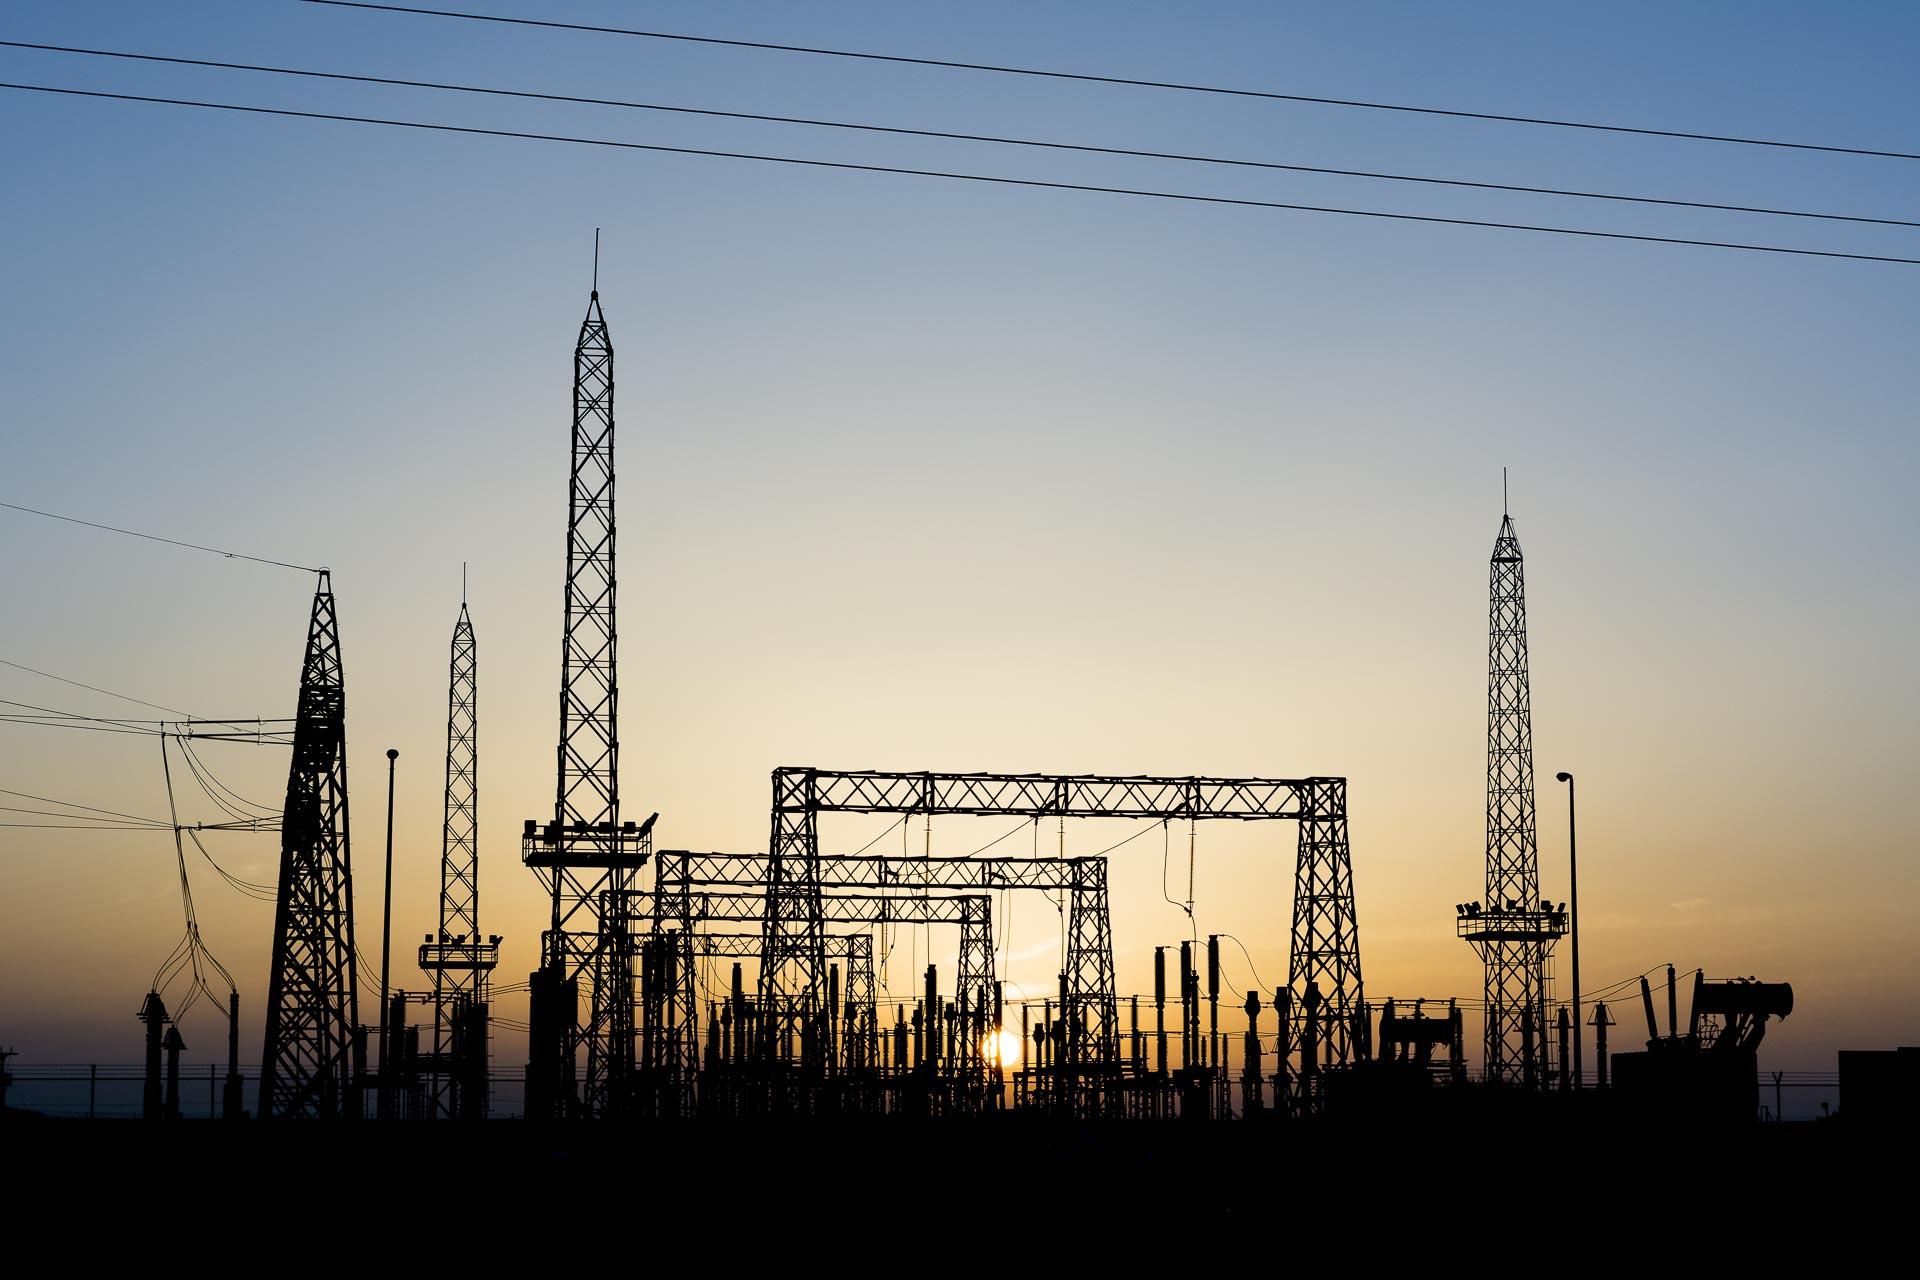 utility substation at dusk